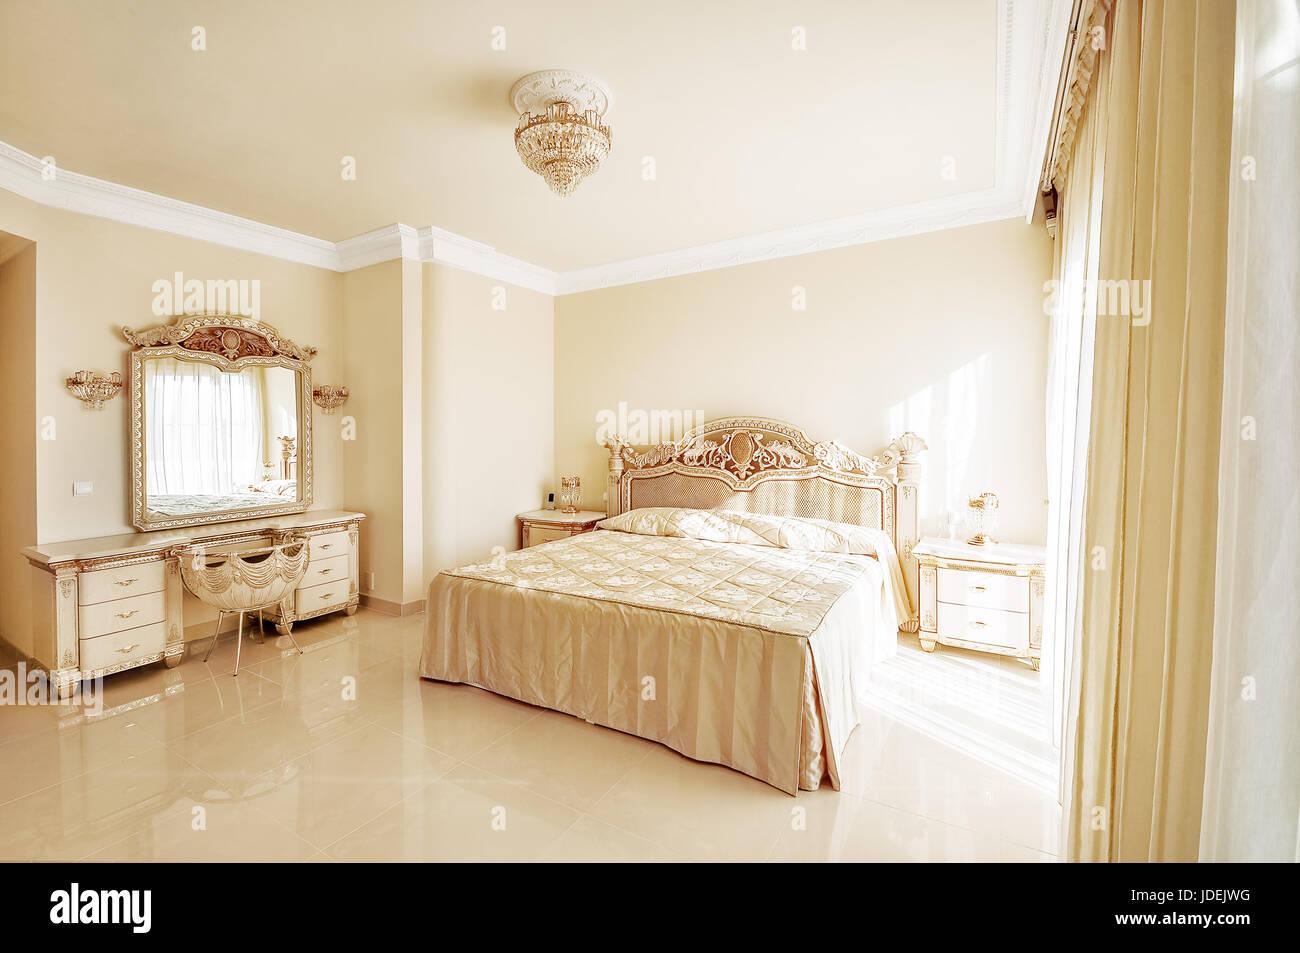 Luxurioses Schlafzimmer In Pastellfarben Im Neoklassizistischen Stil